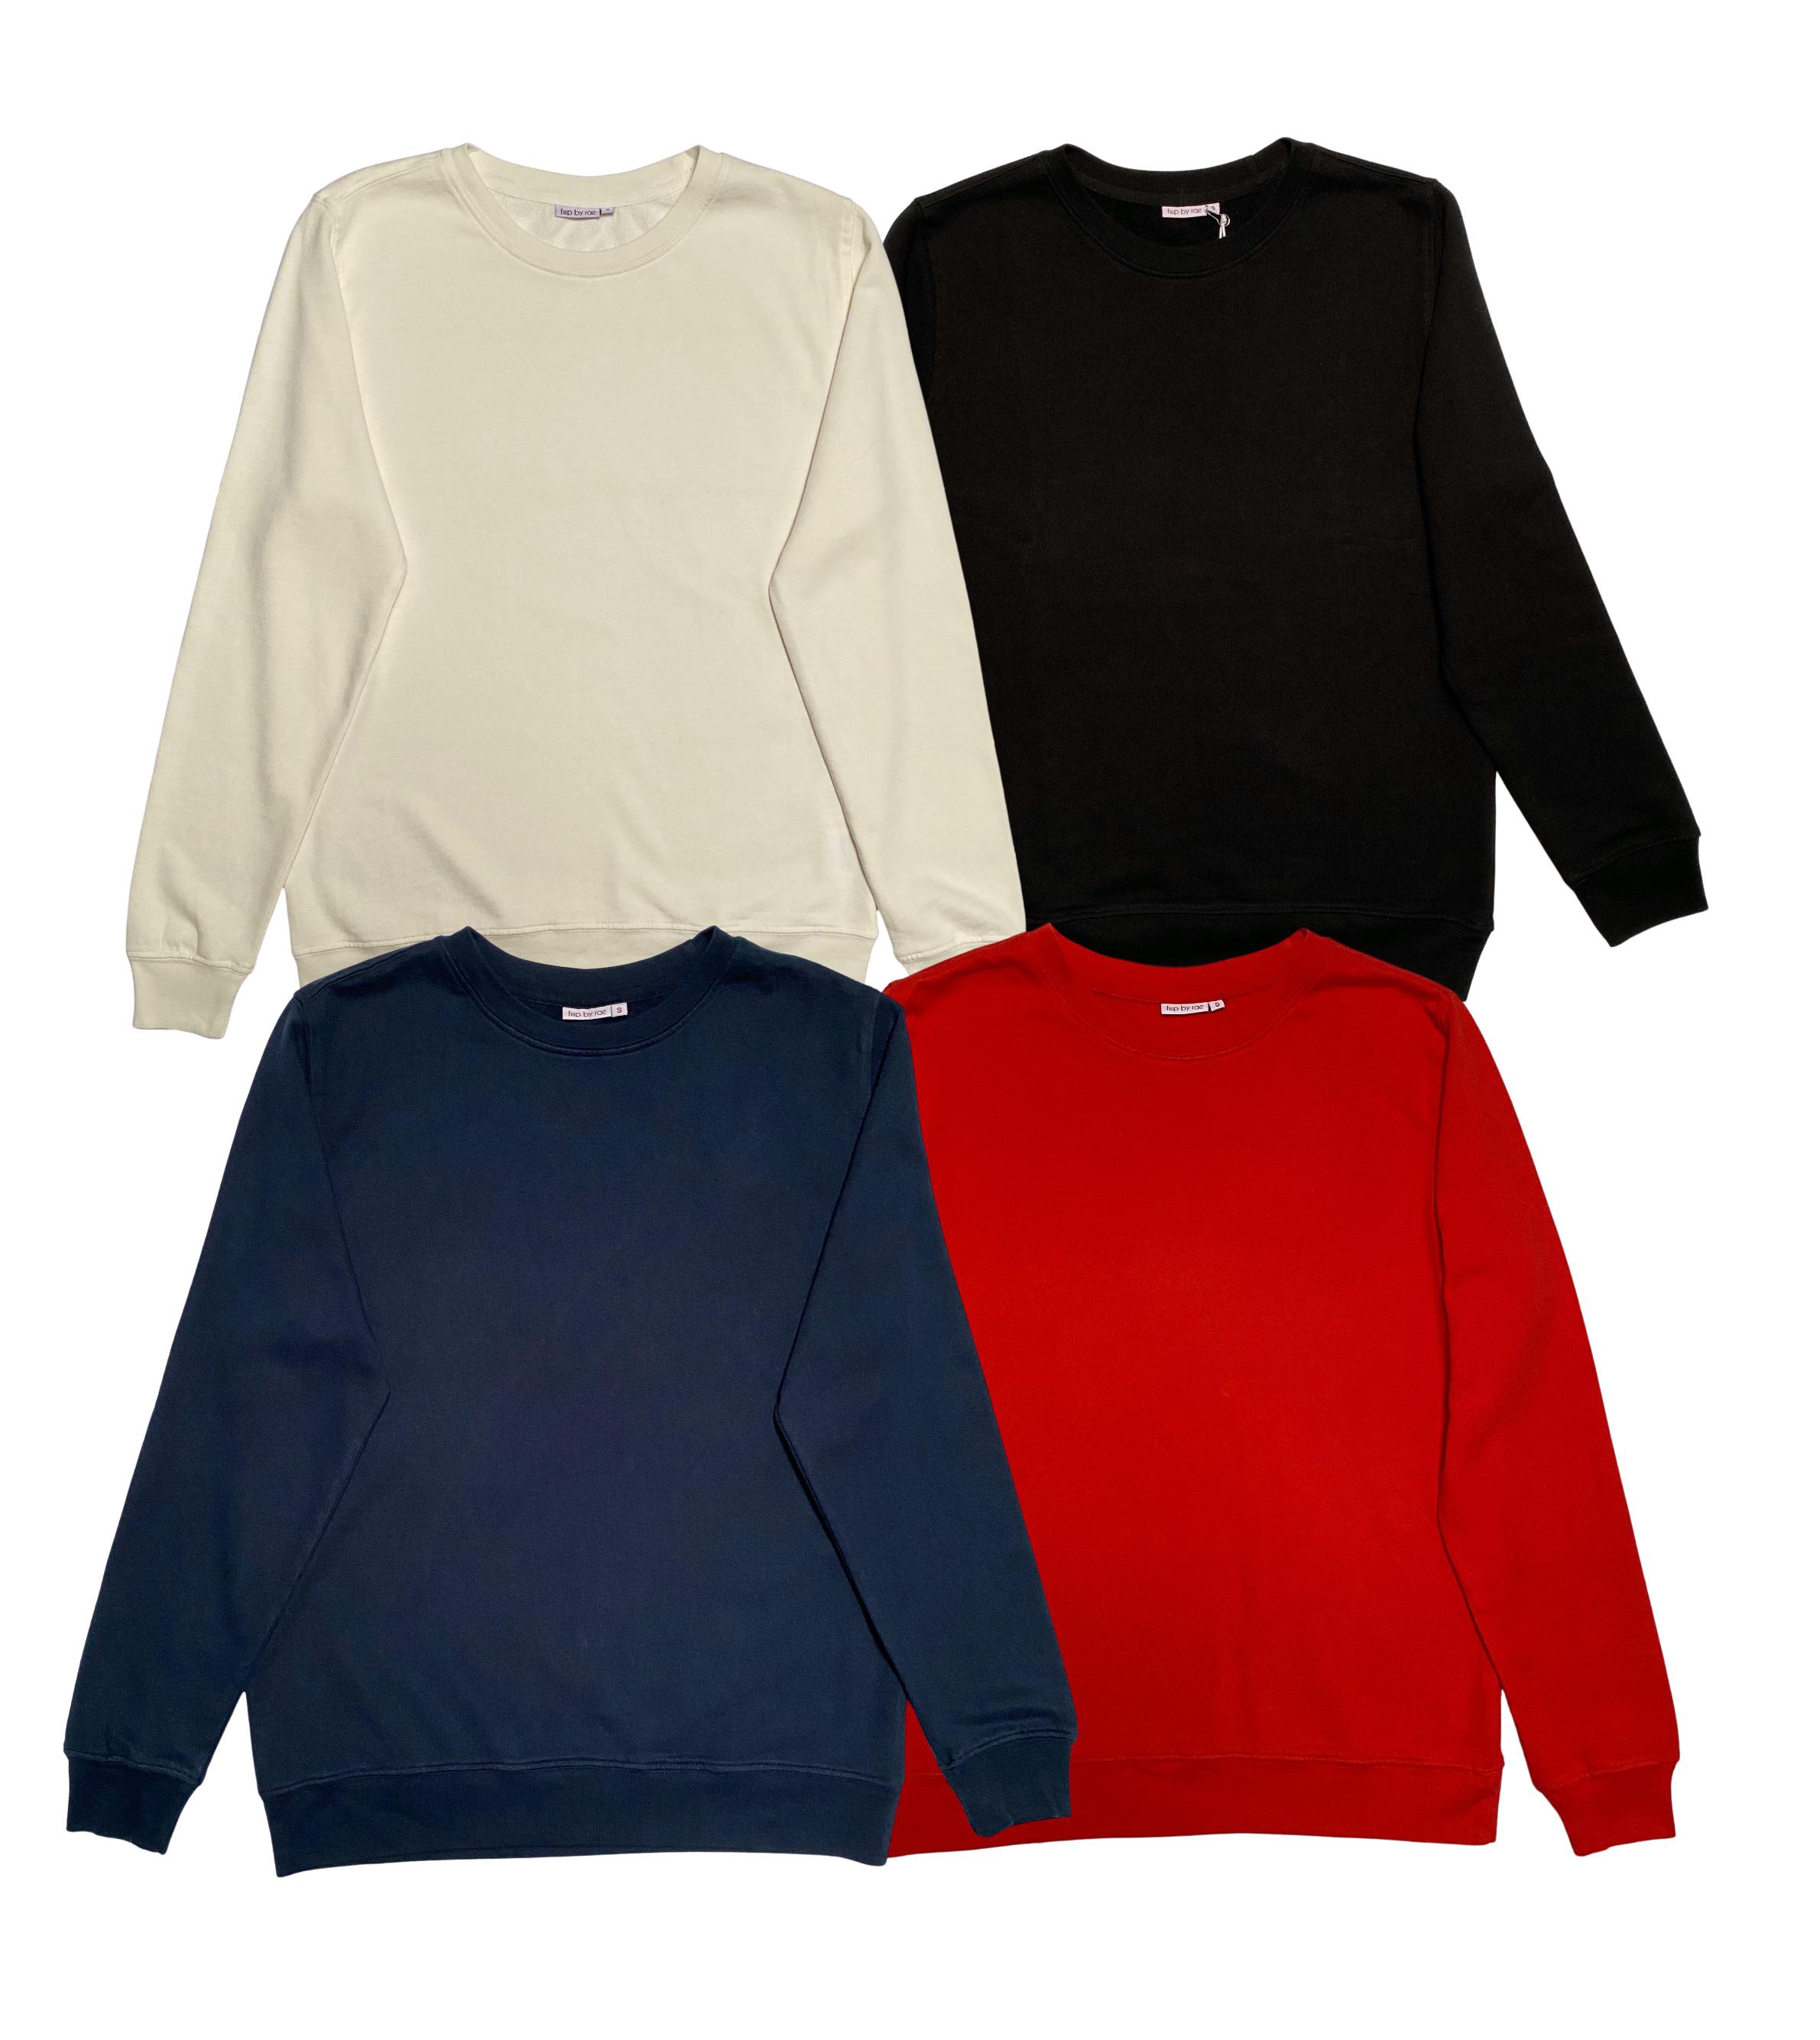 fine knit sweatshirt